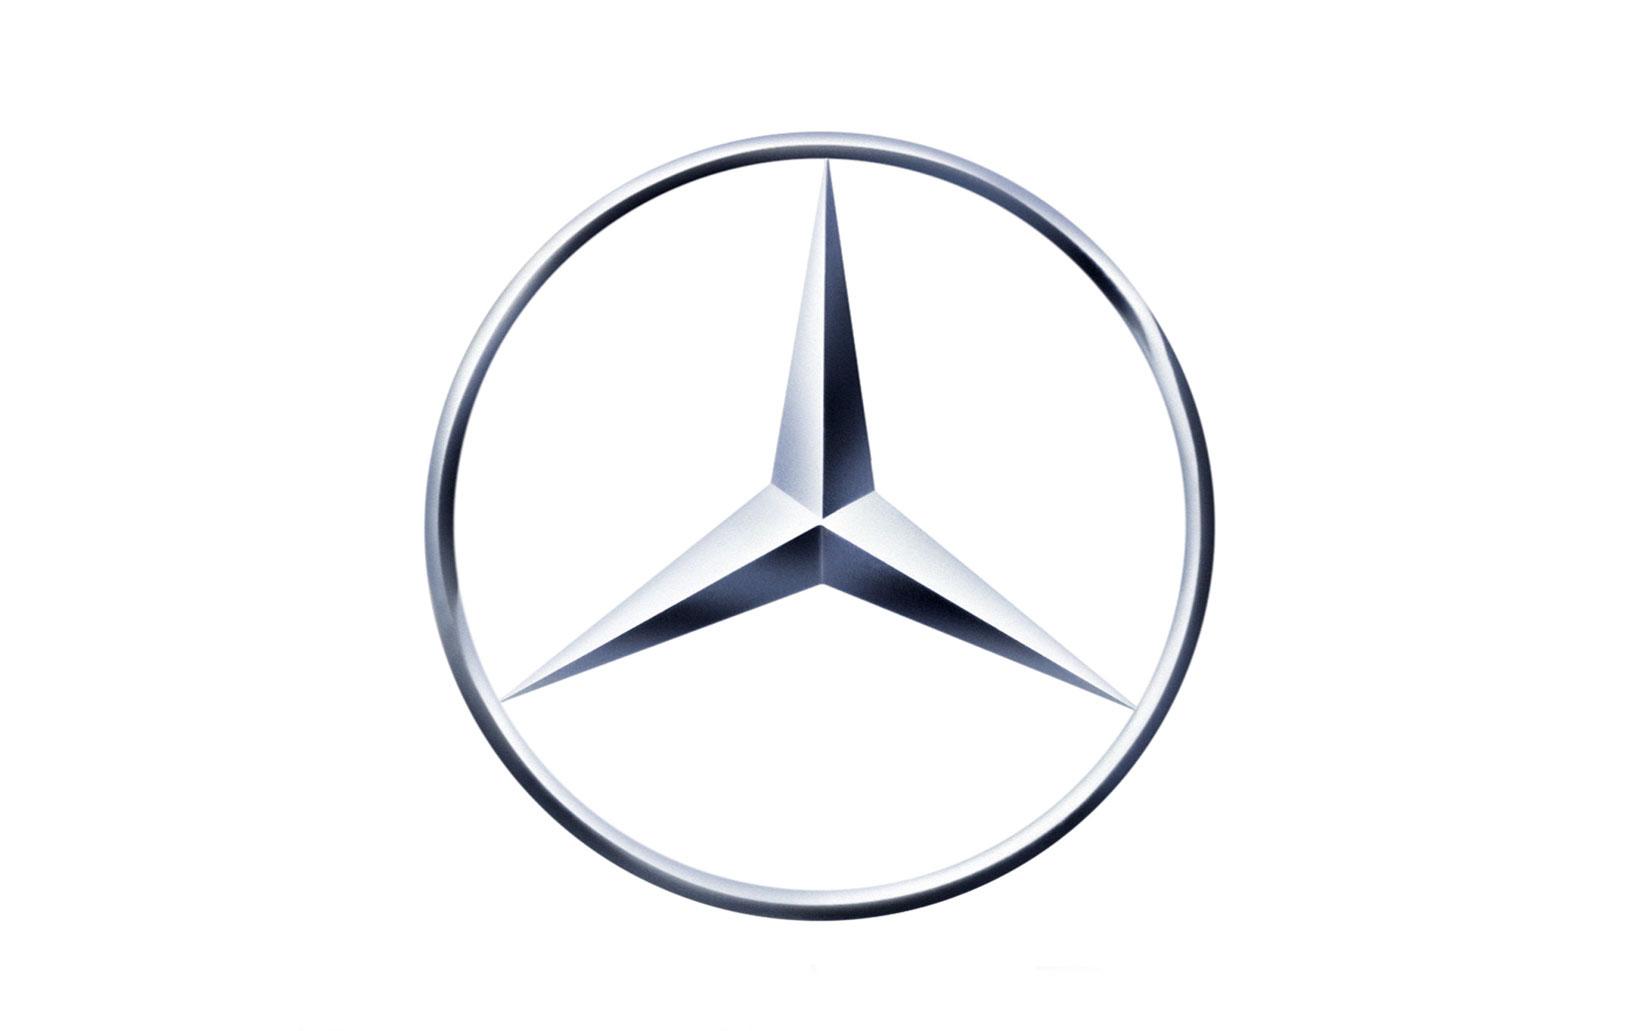 Benz Car Symbol >> Quizzz - Automerken quiz voor vrouwen!